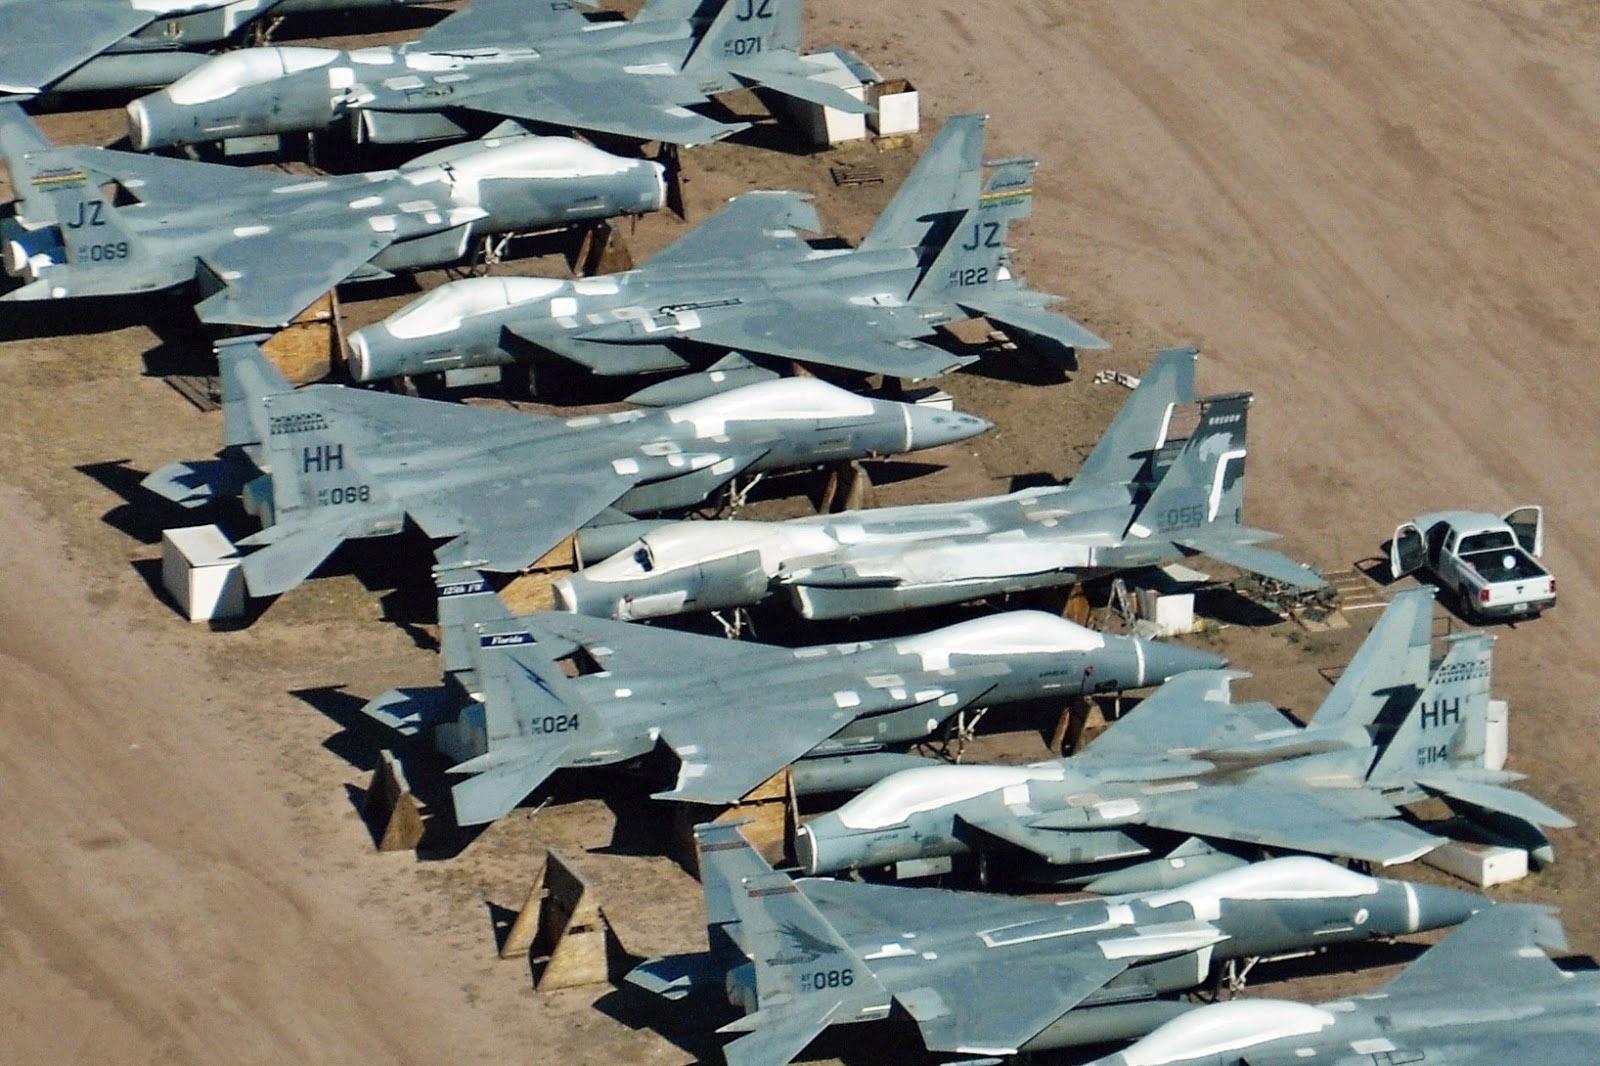 Истребители F-15 в Центре хранения и регенерации ВВС США на базе Дэвис-Монтан.